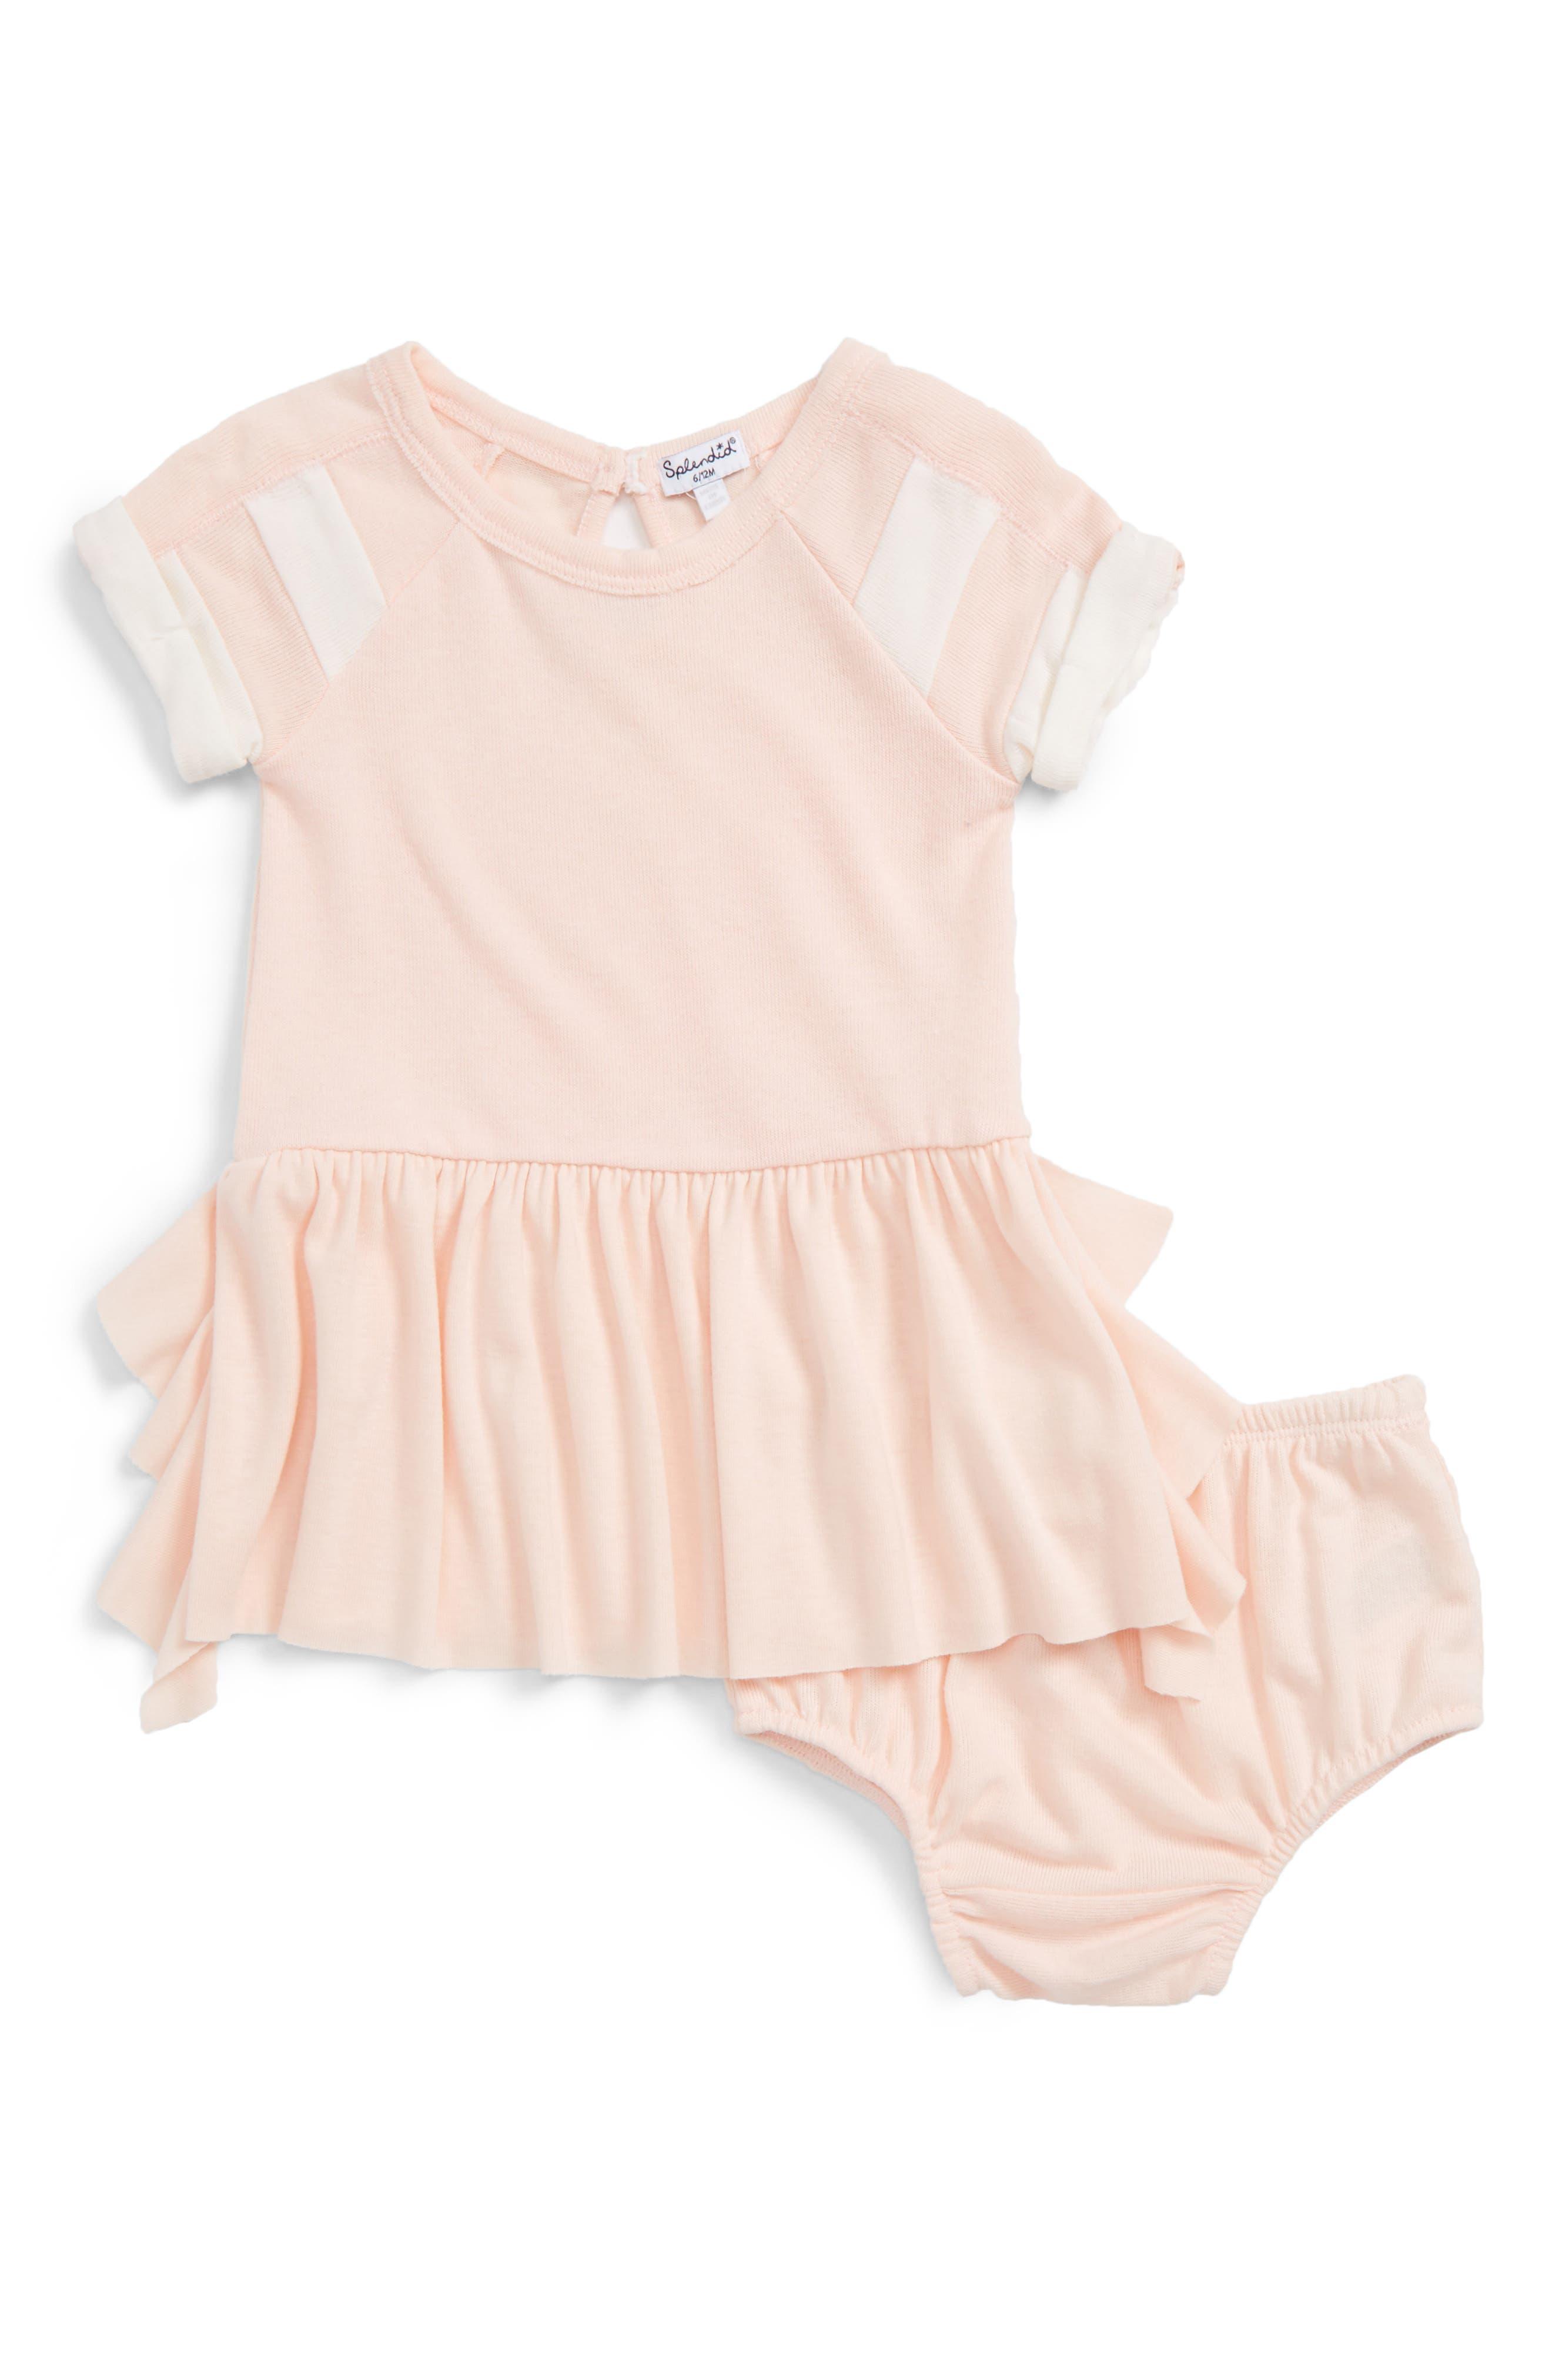 Alternate Image 1 Selected - Splendid Knit Dress (Baby Girls)